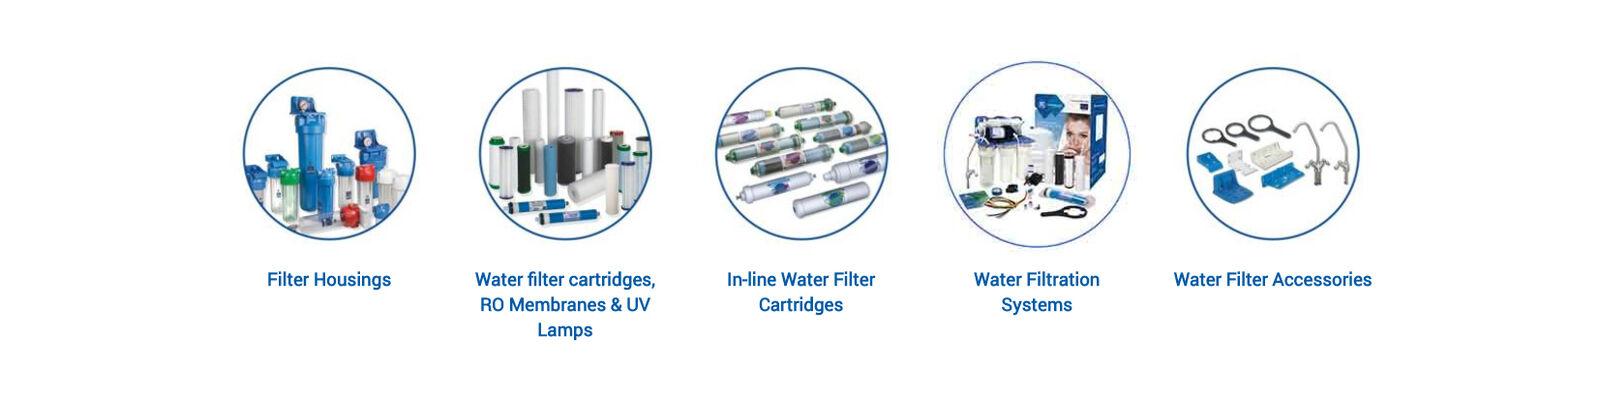 Aquafilter UK